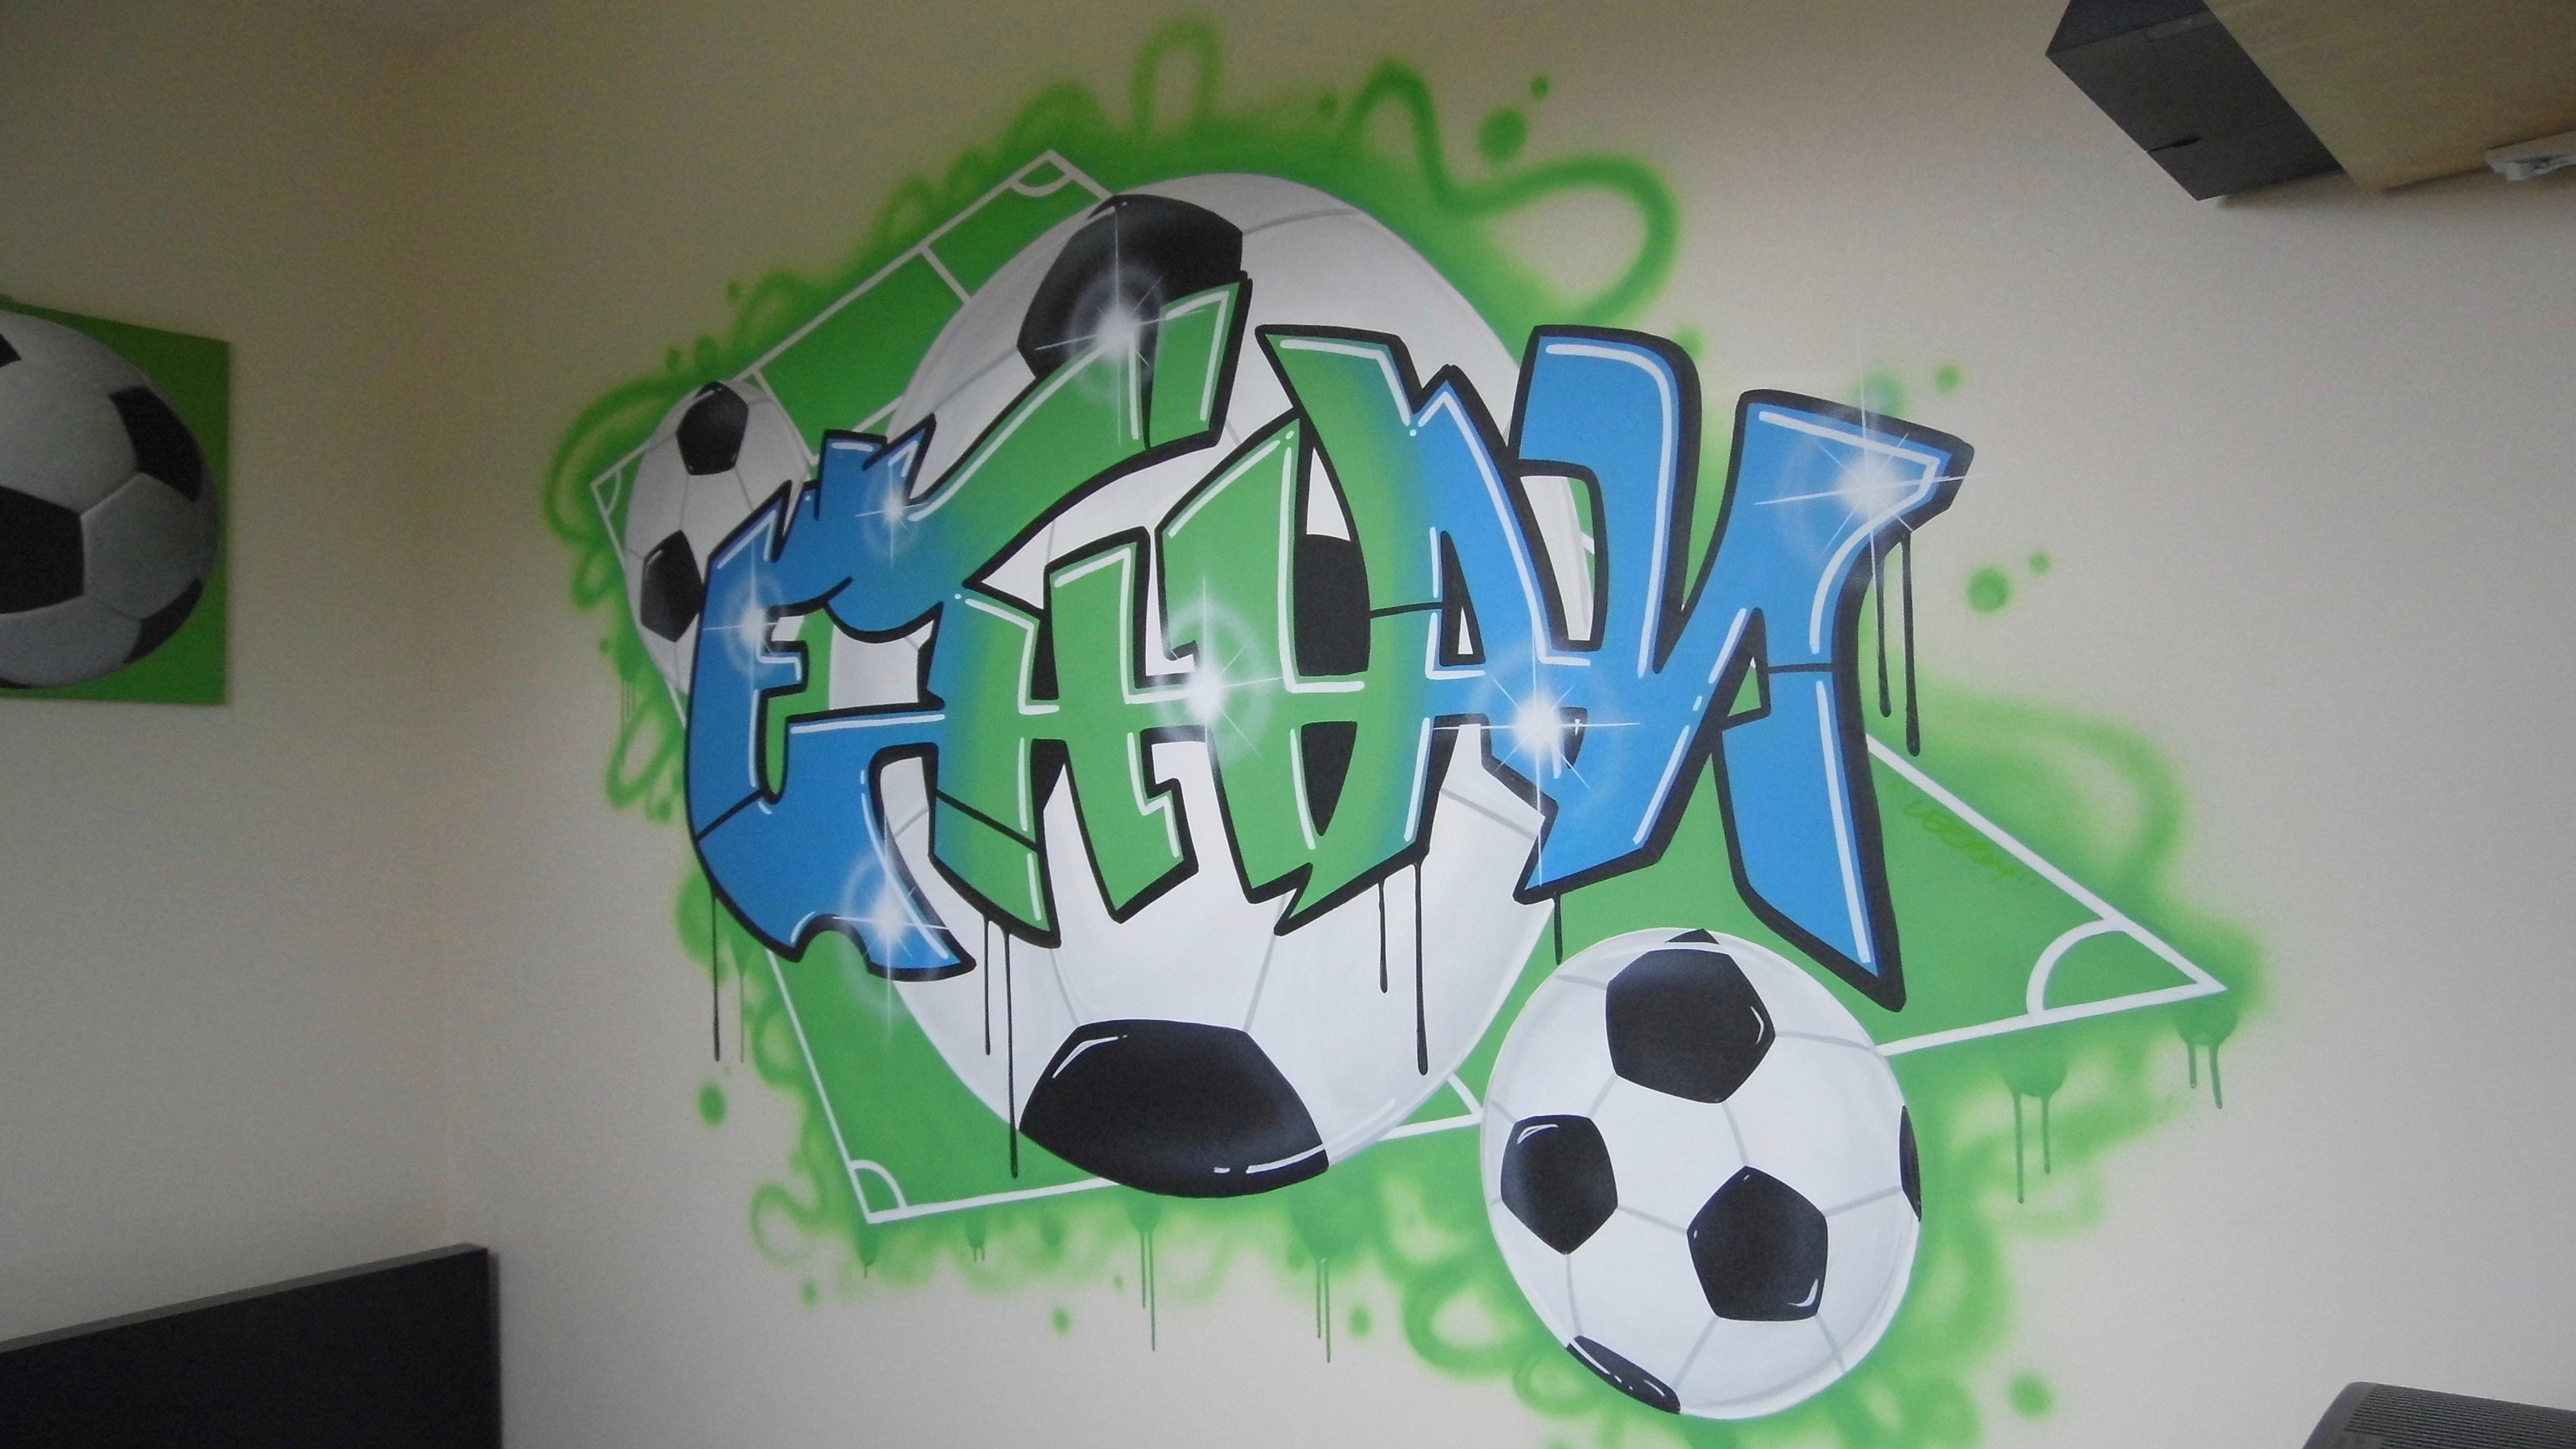 Ethan Graffiti